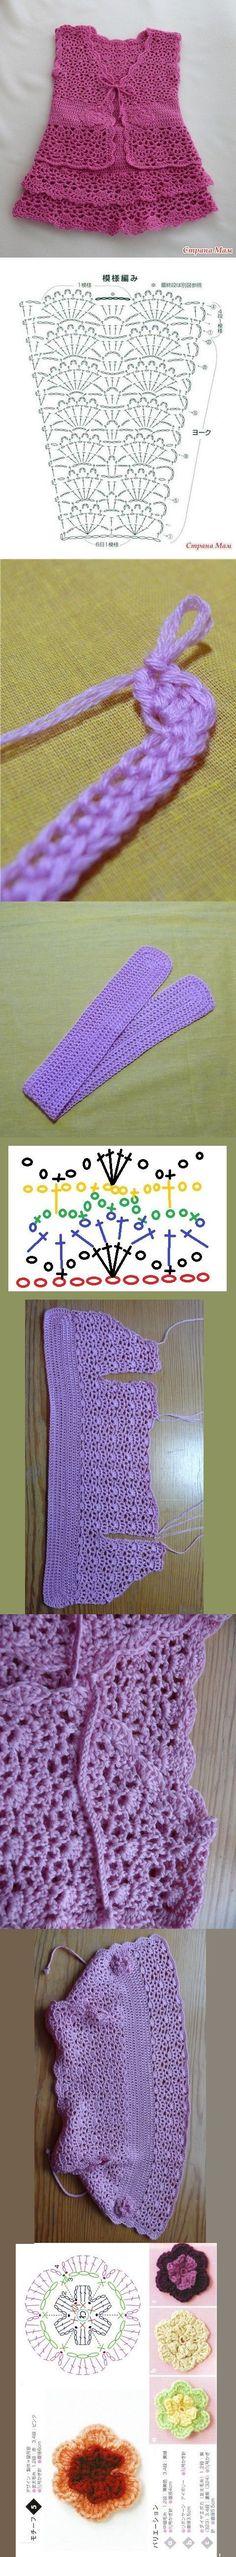 2bfed076d8dfb716b4425e10bd03bb | <br/>    Crochet